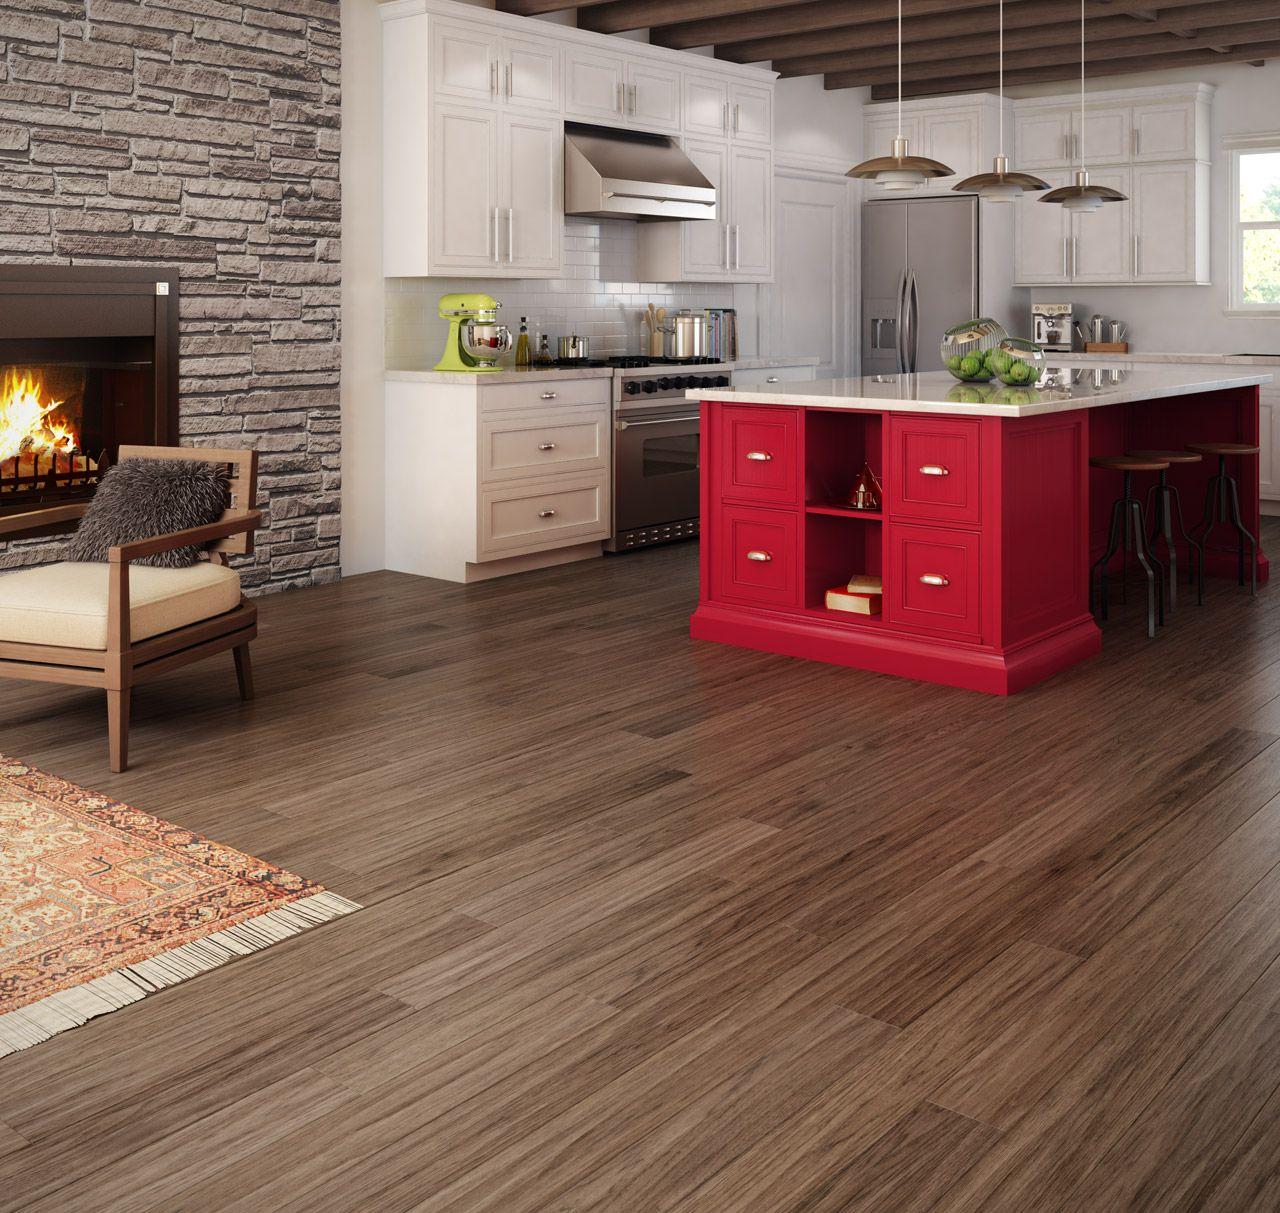 Wood Floors In Kitchen Pros And Cons Planchers De Bois Franc Preverco Cuisine Champ Tre Revisit E